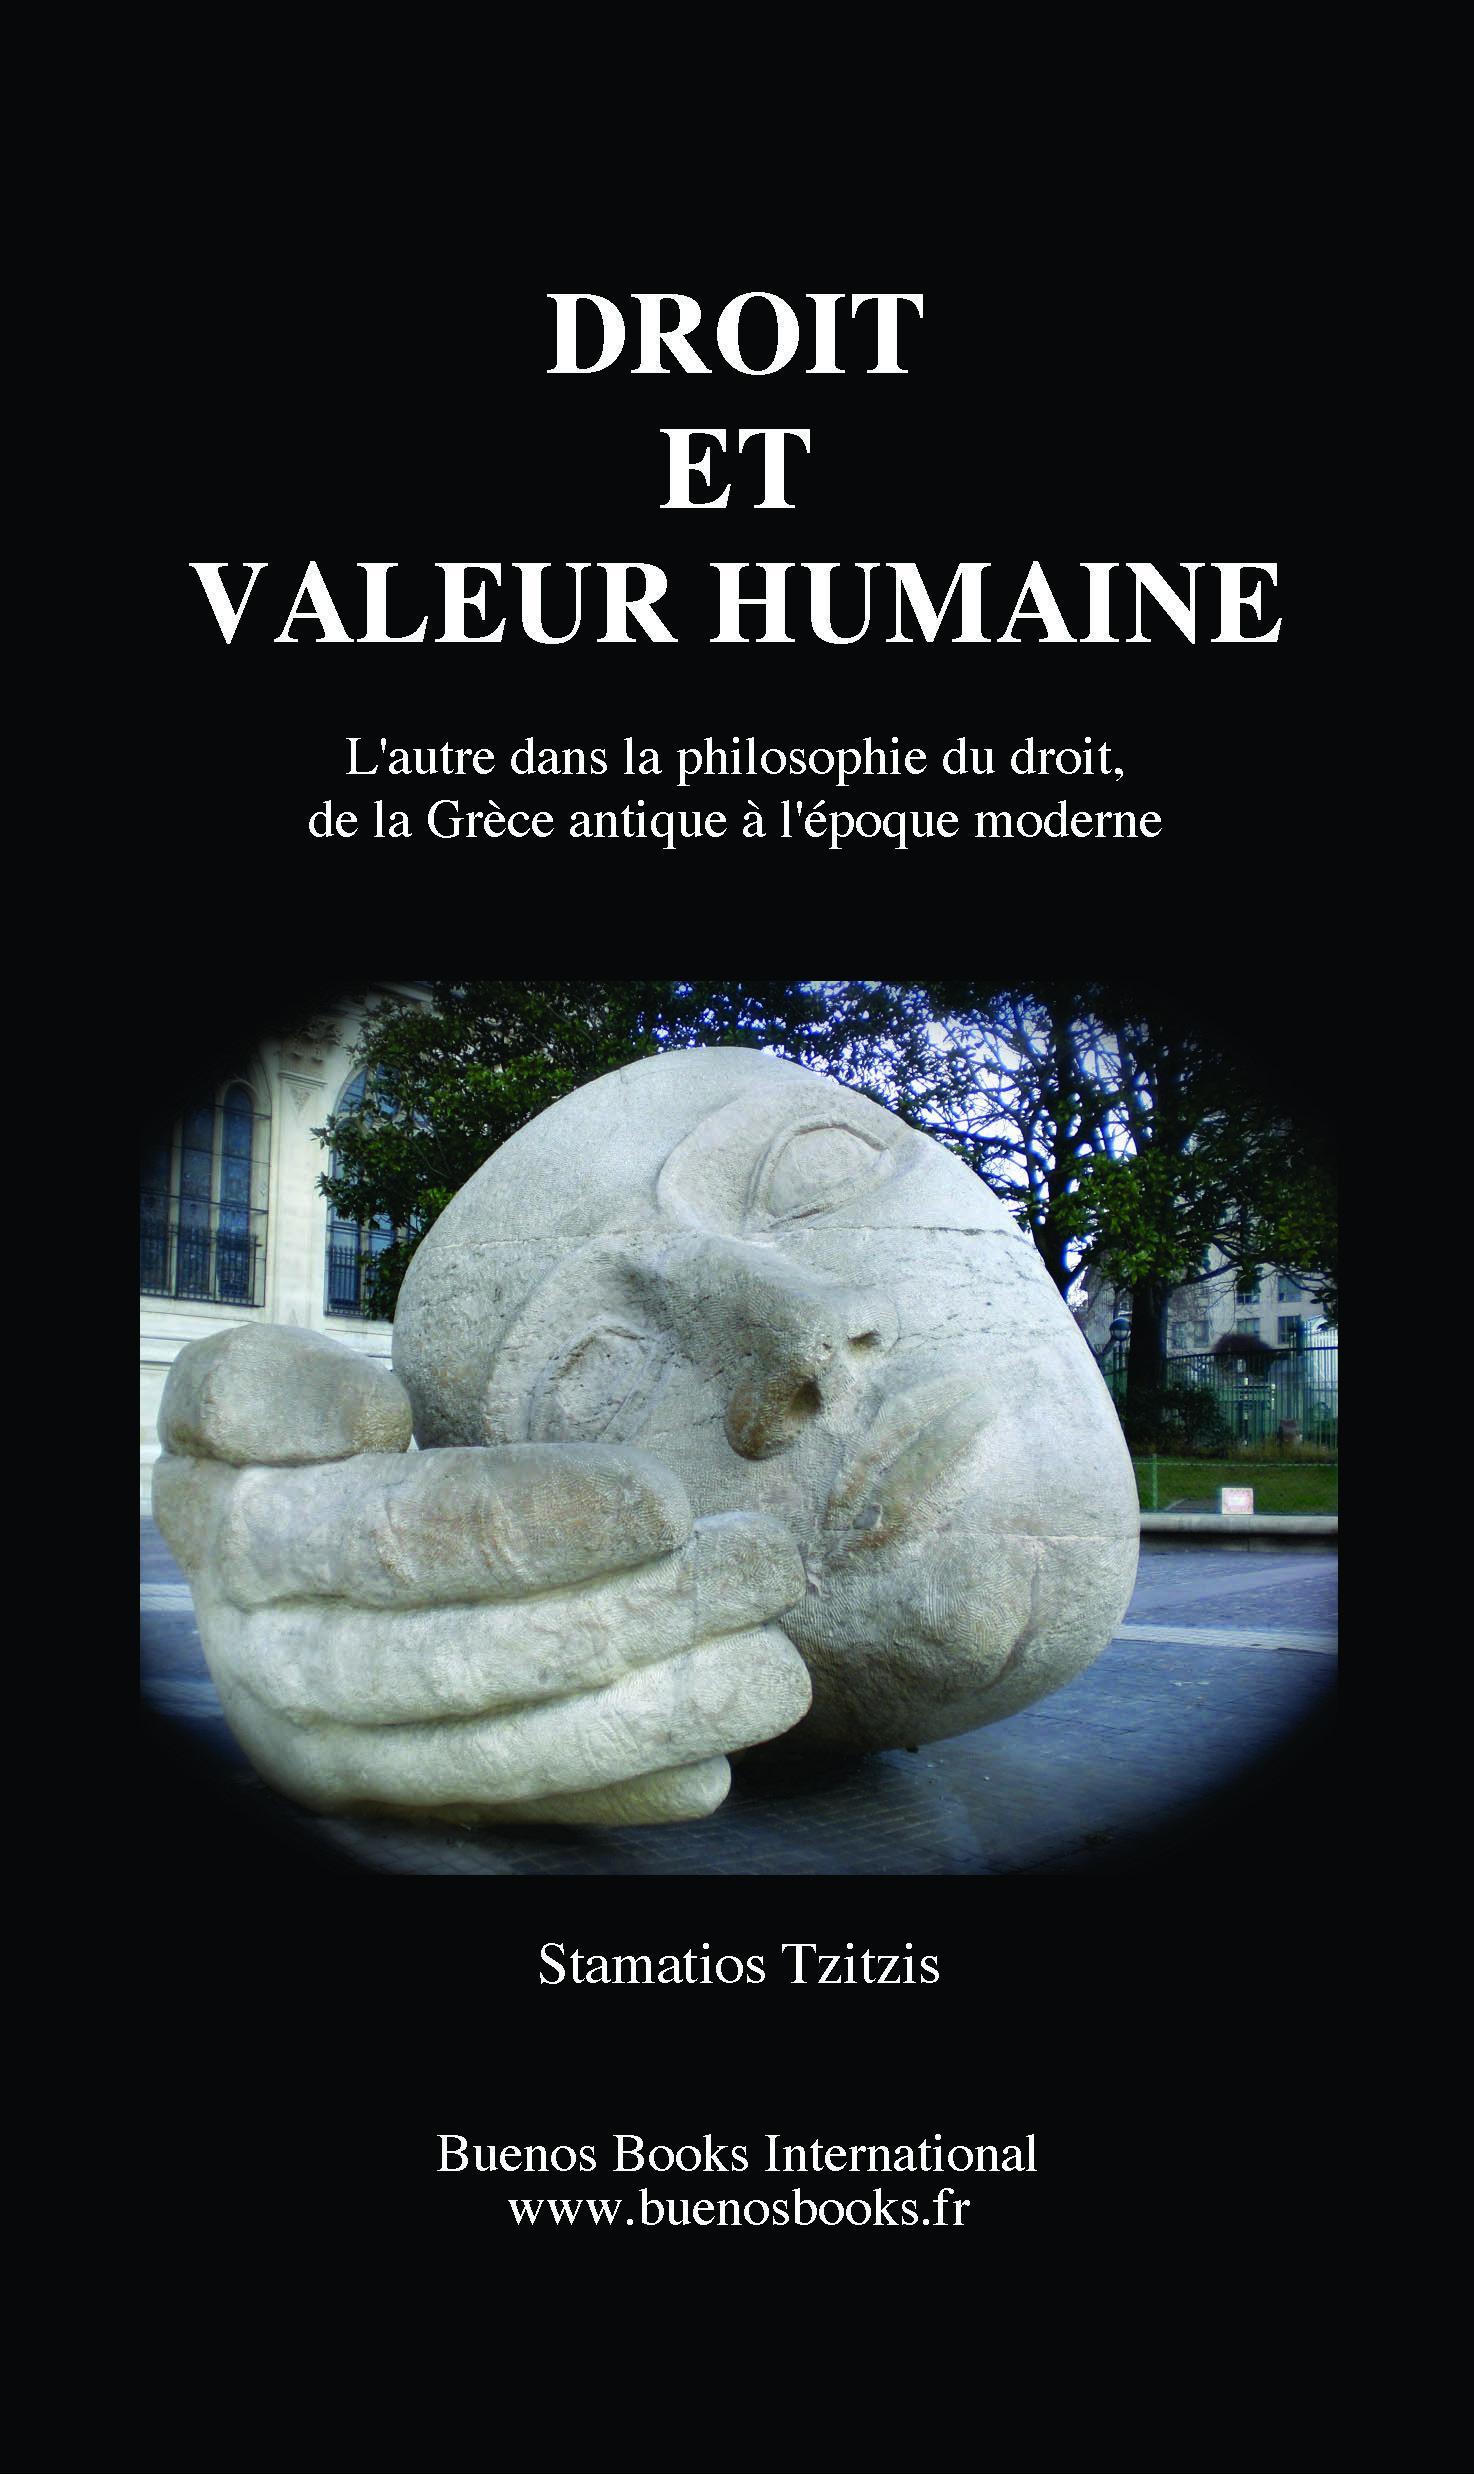 DROIT ET VALEUR HUMAINE,L'autre dans la philosophie du droit, de la Grece antique ? l'epoque moderne EB9782915495737